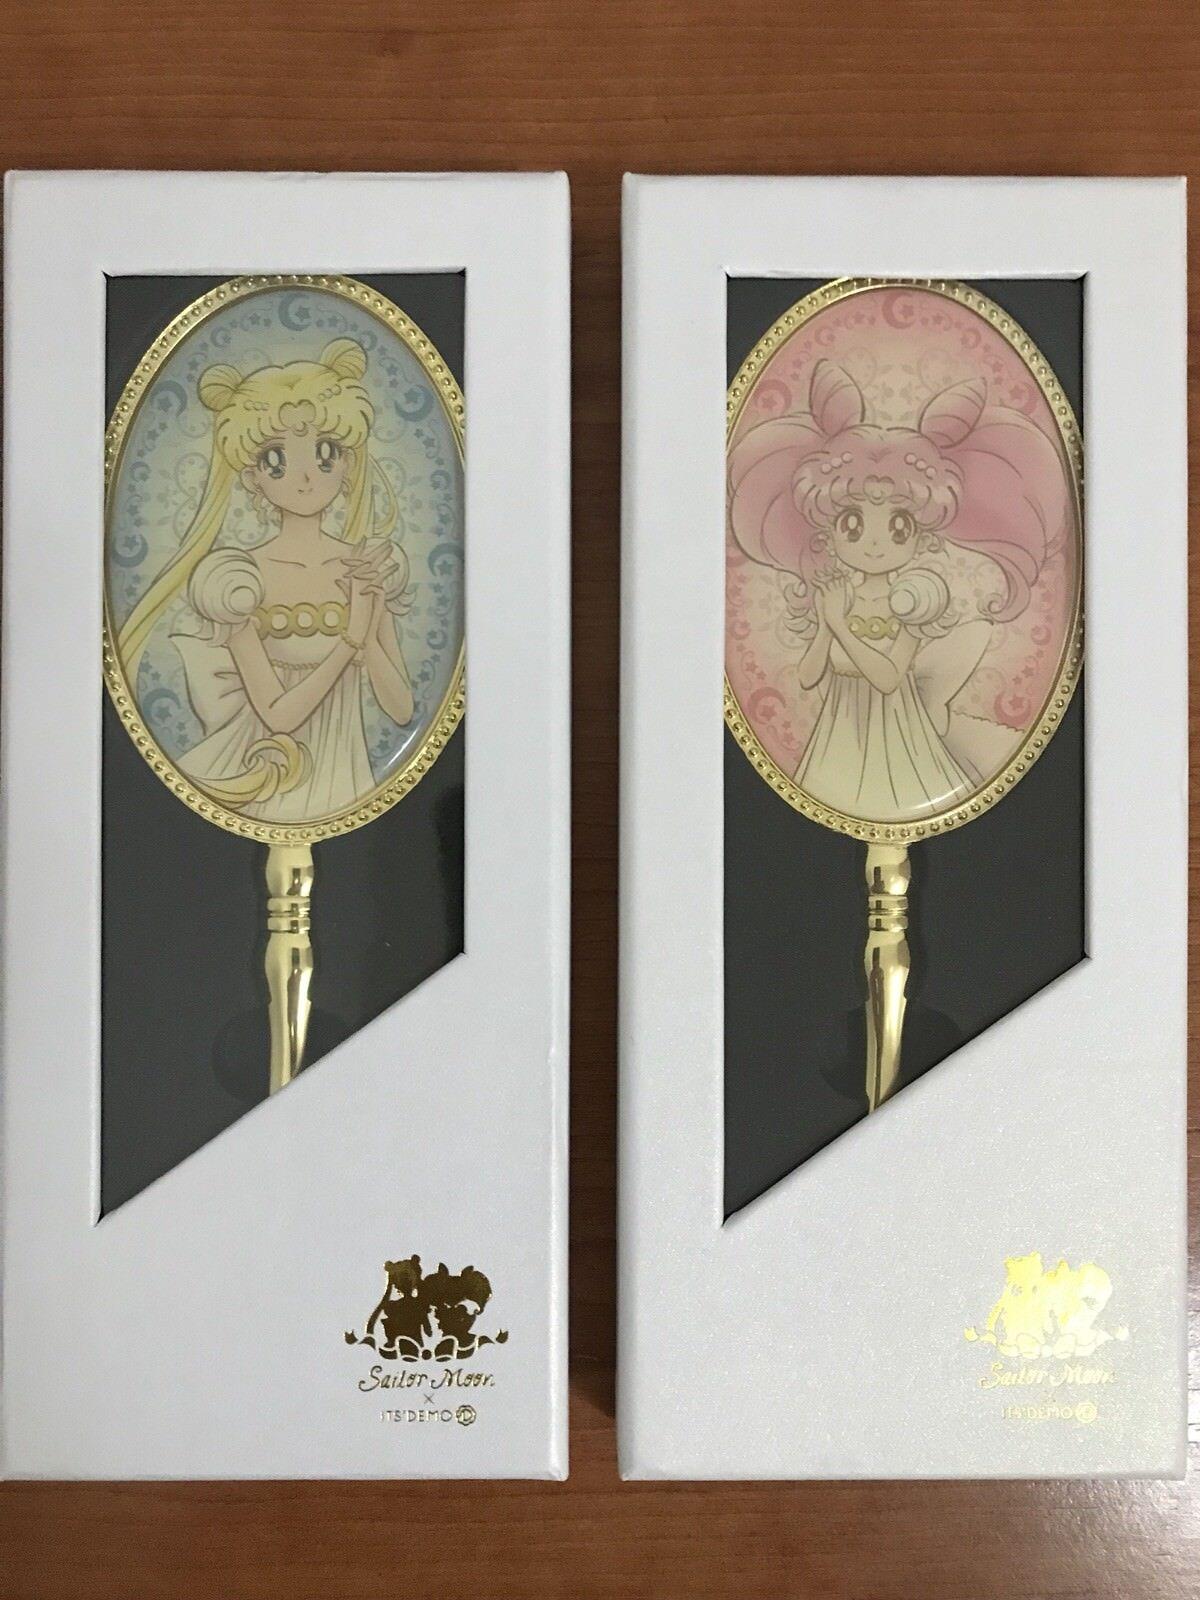 Sailor Moon x ITS' DEMO Princess Serenity & Small Lady Hand Mirror Japan